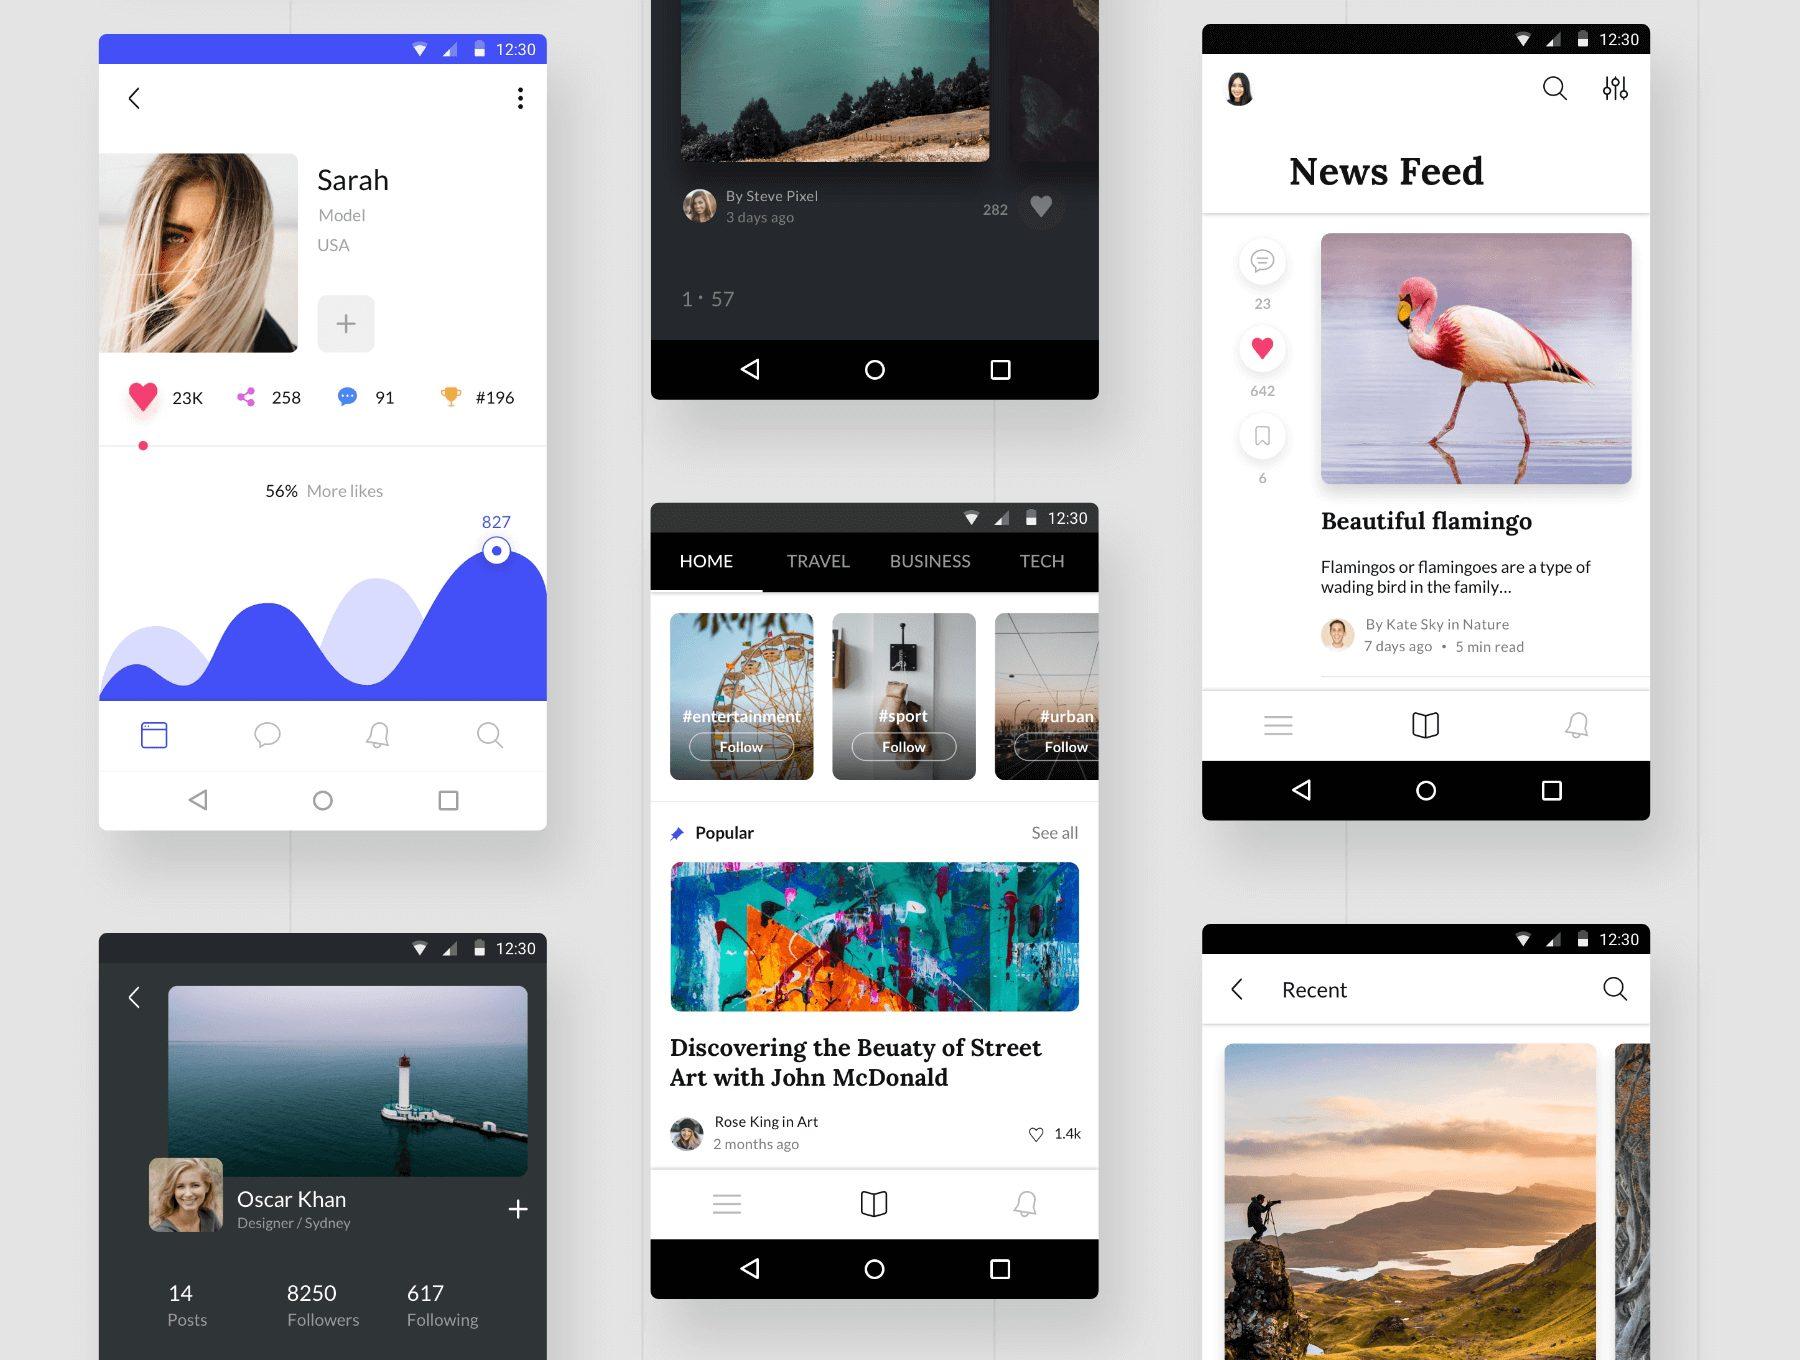 电商应用Android UI设计套下载[XD,Sketch,Fig]  Awesome Android UI Kit